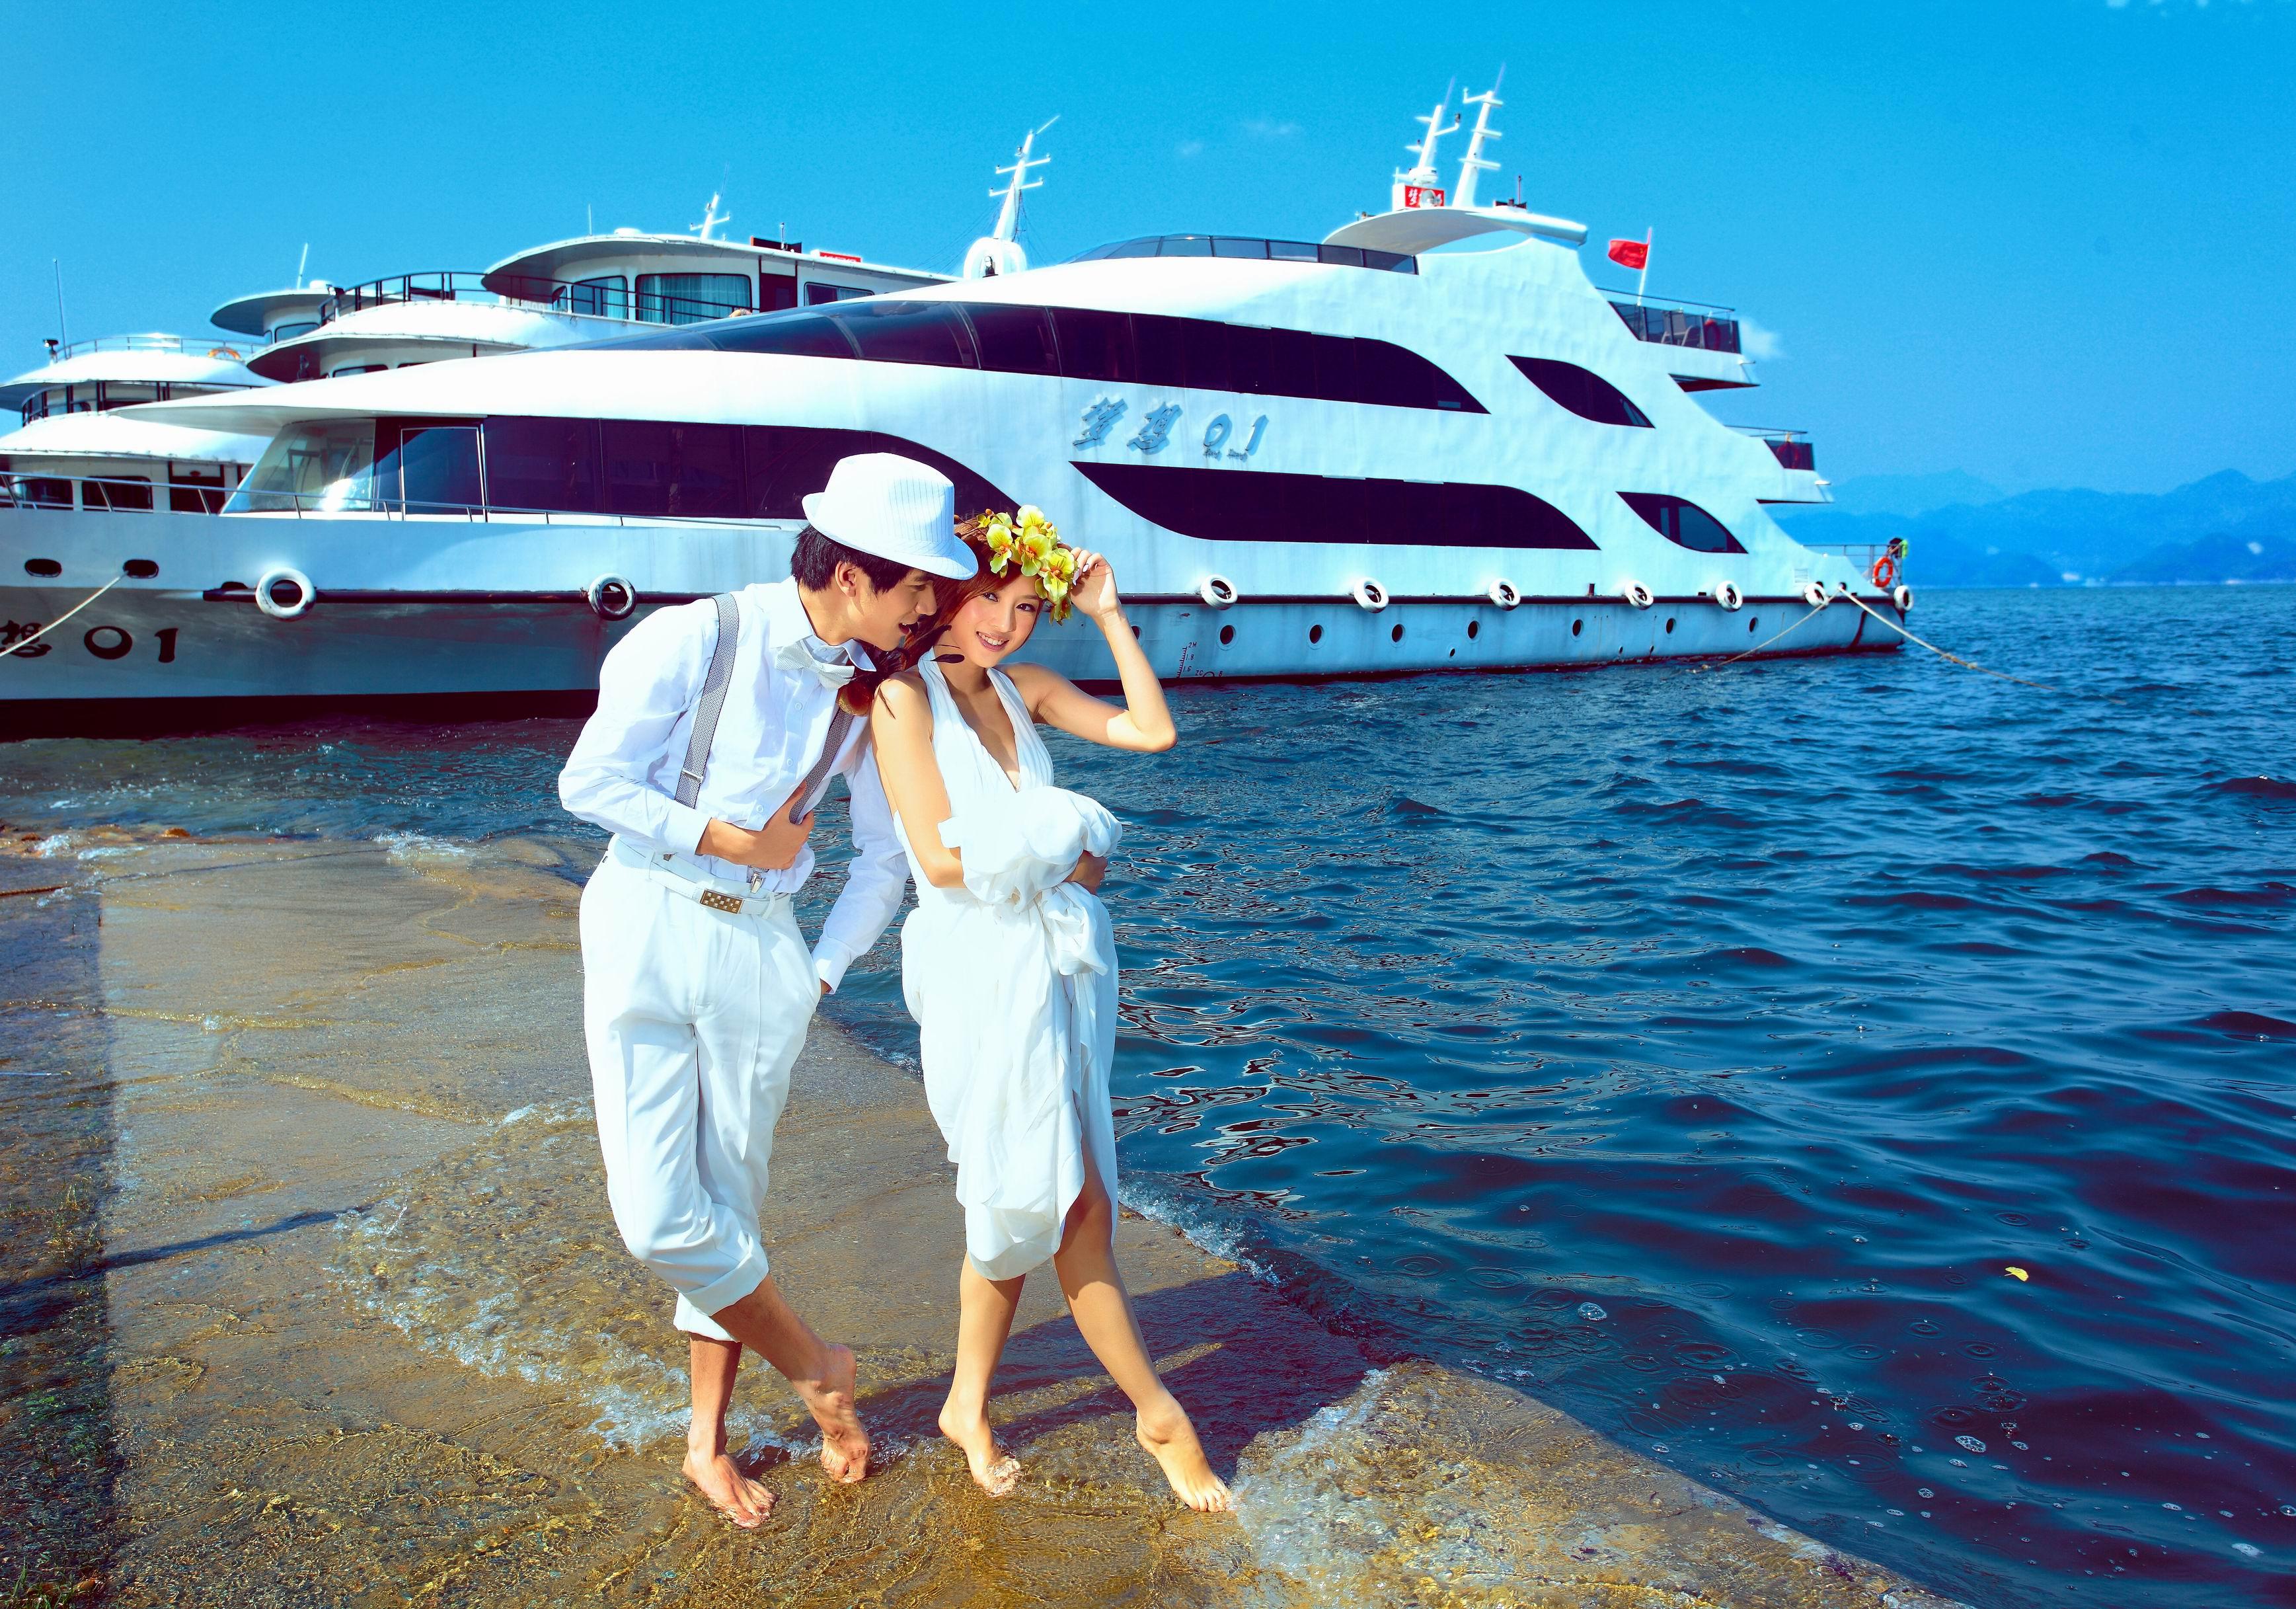 千岛湖基地(水岸) - 婚纱摄影作品